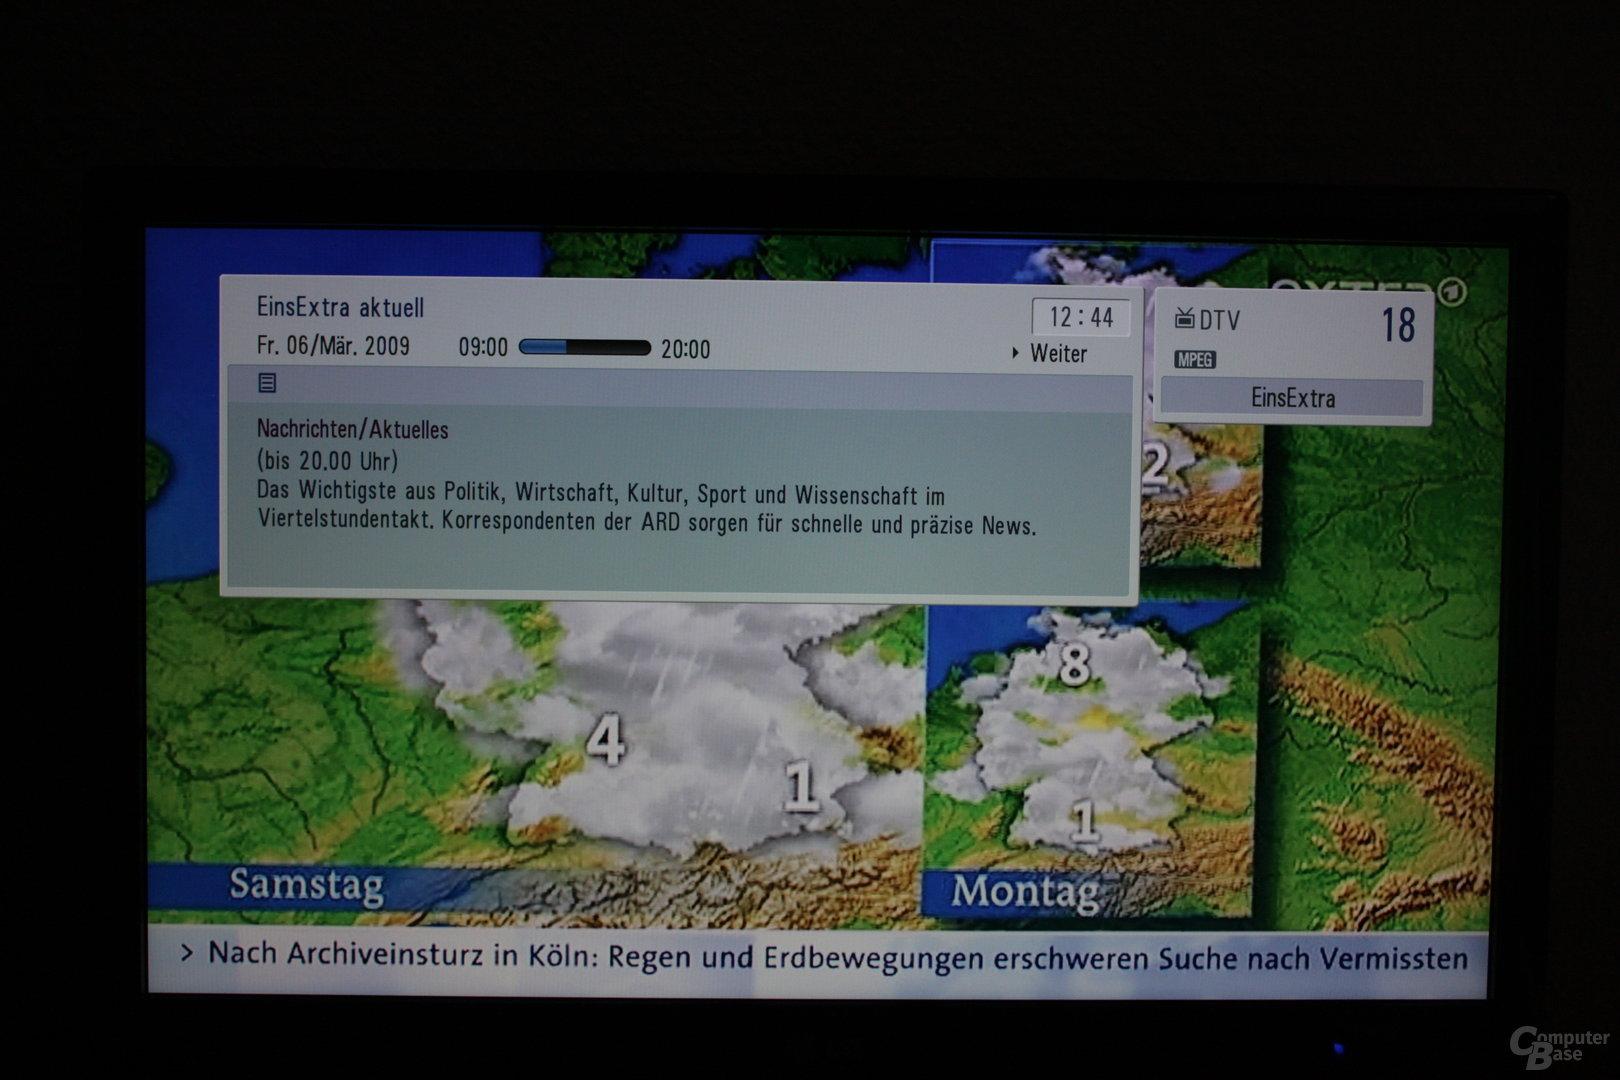 TV-Wiedergabe mit Informationsanzeige